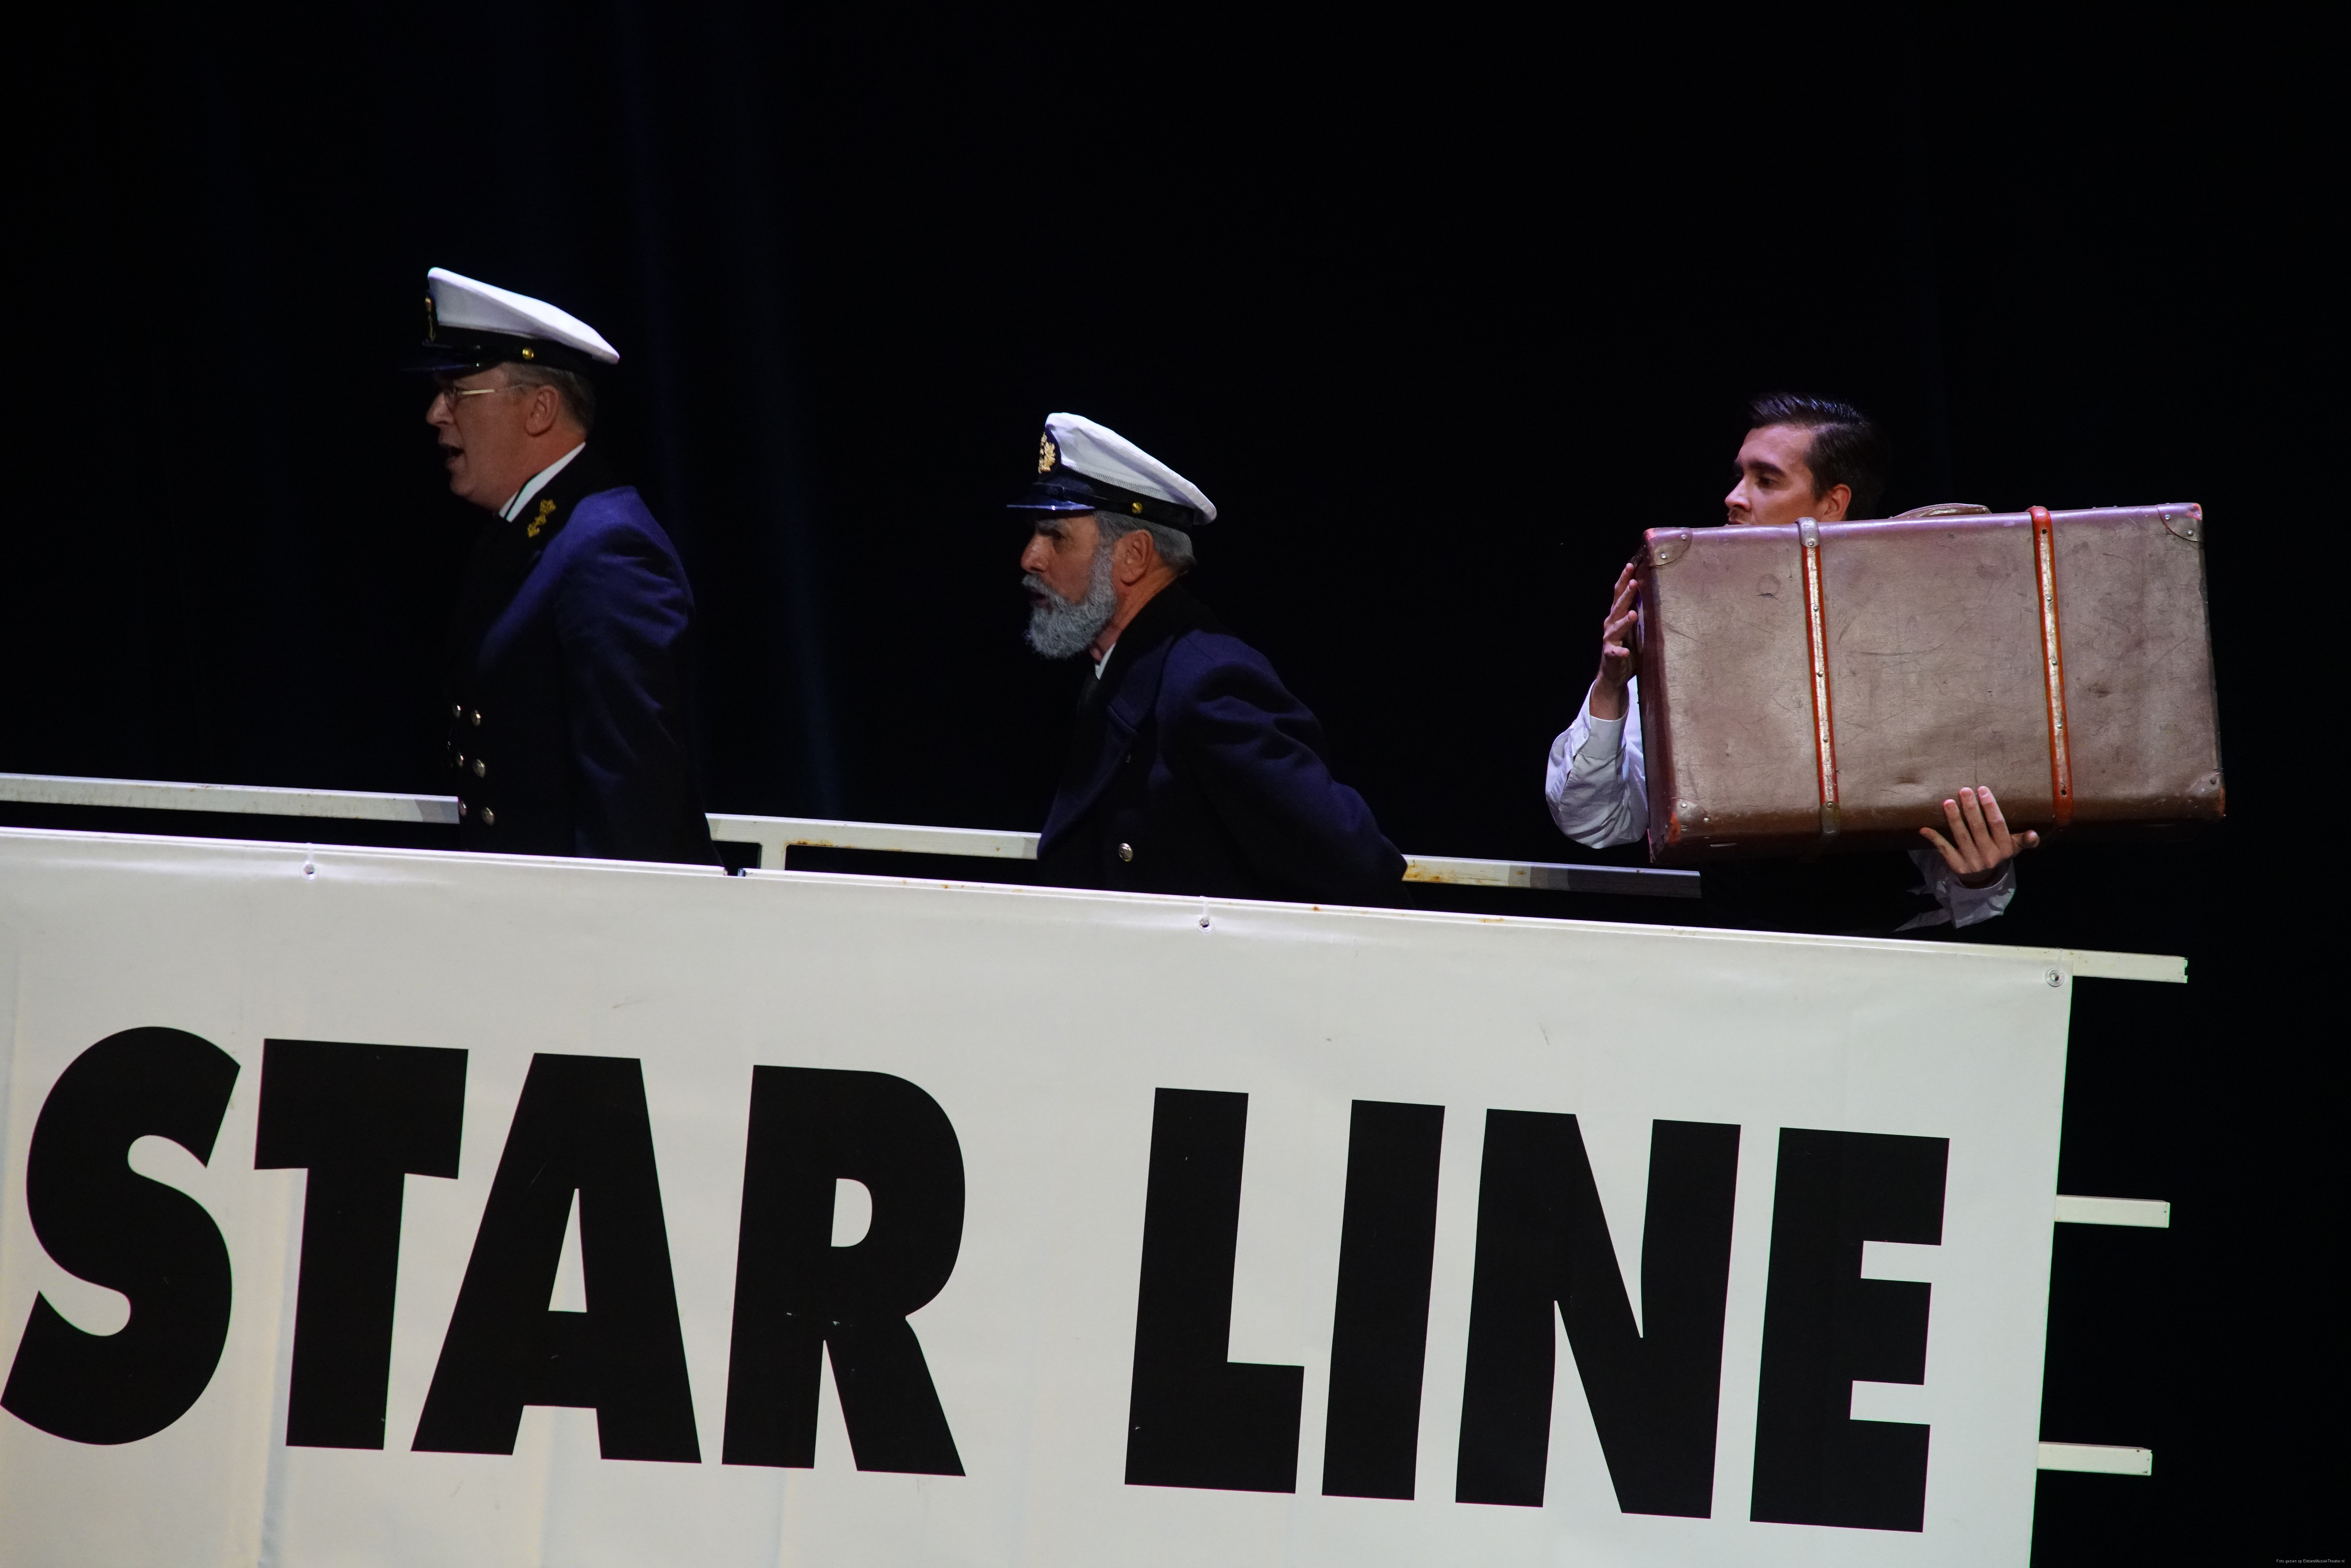 EMT Titanic voorstellingen Donald Schalk-0412.JPG